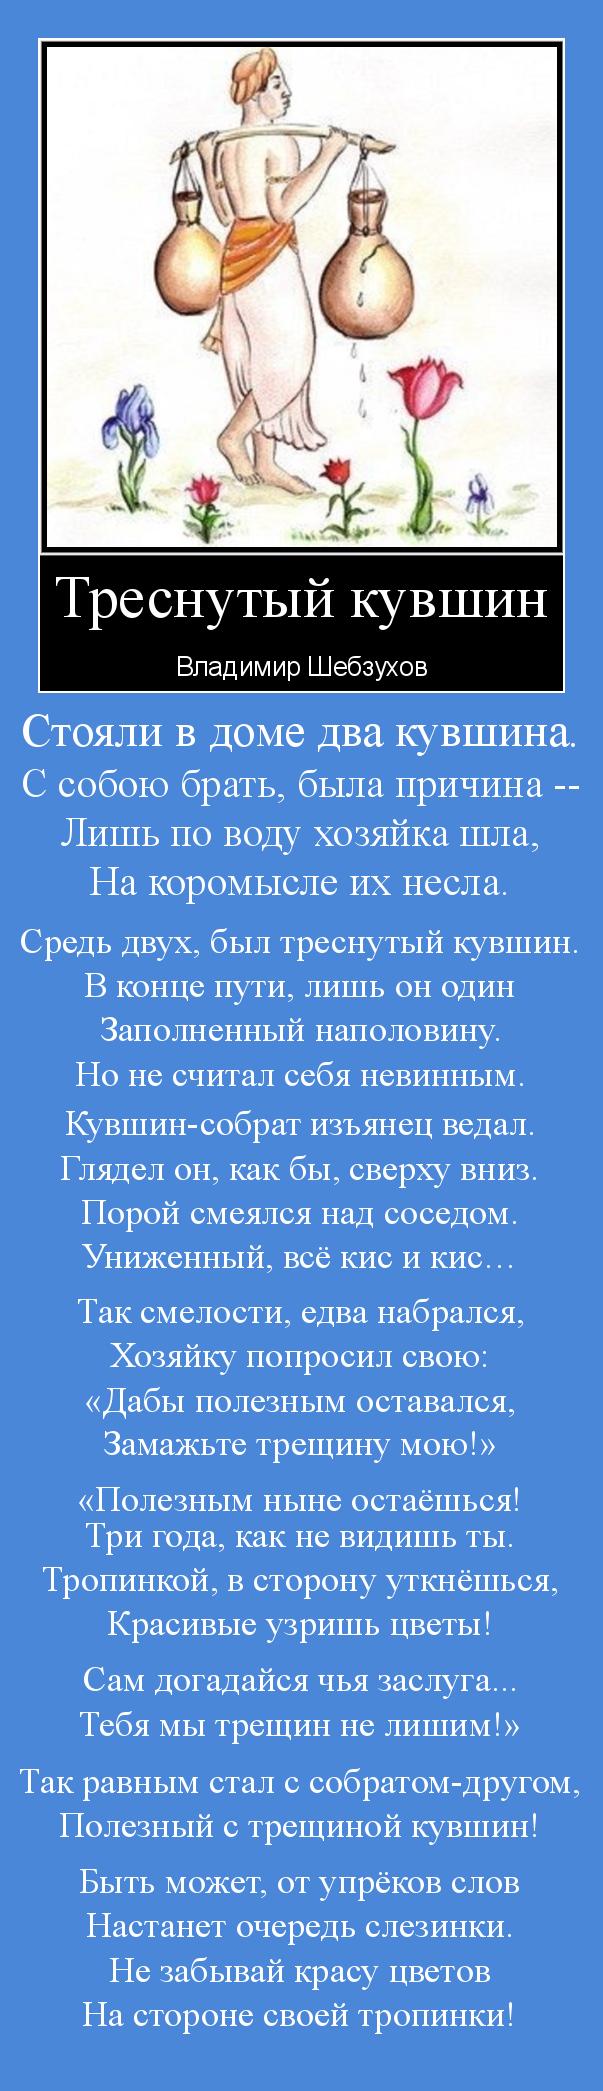 «Треснутый кувшин» (Владимир Шебзухов)